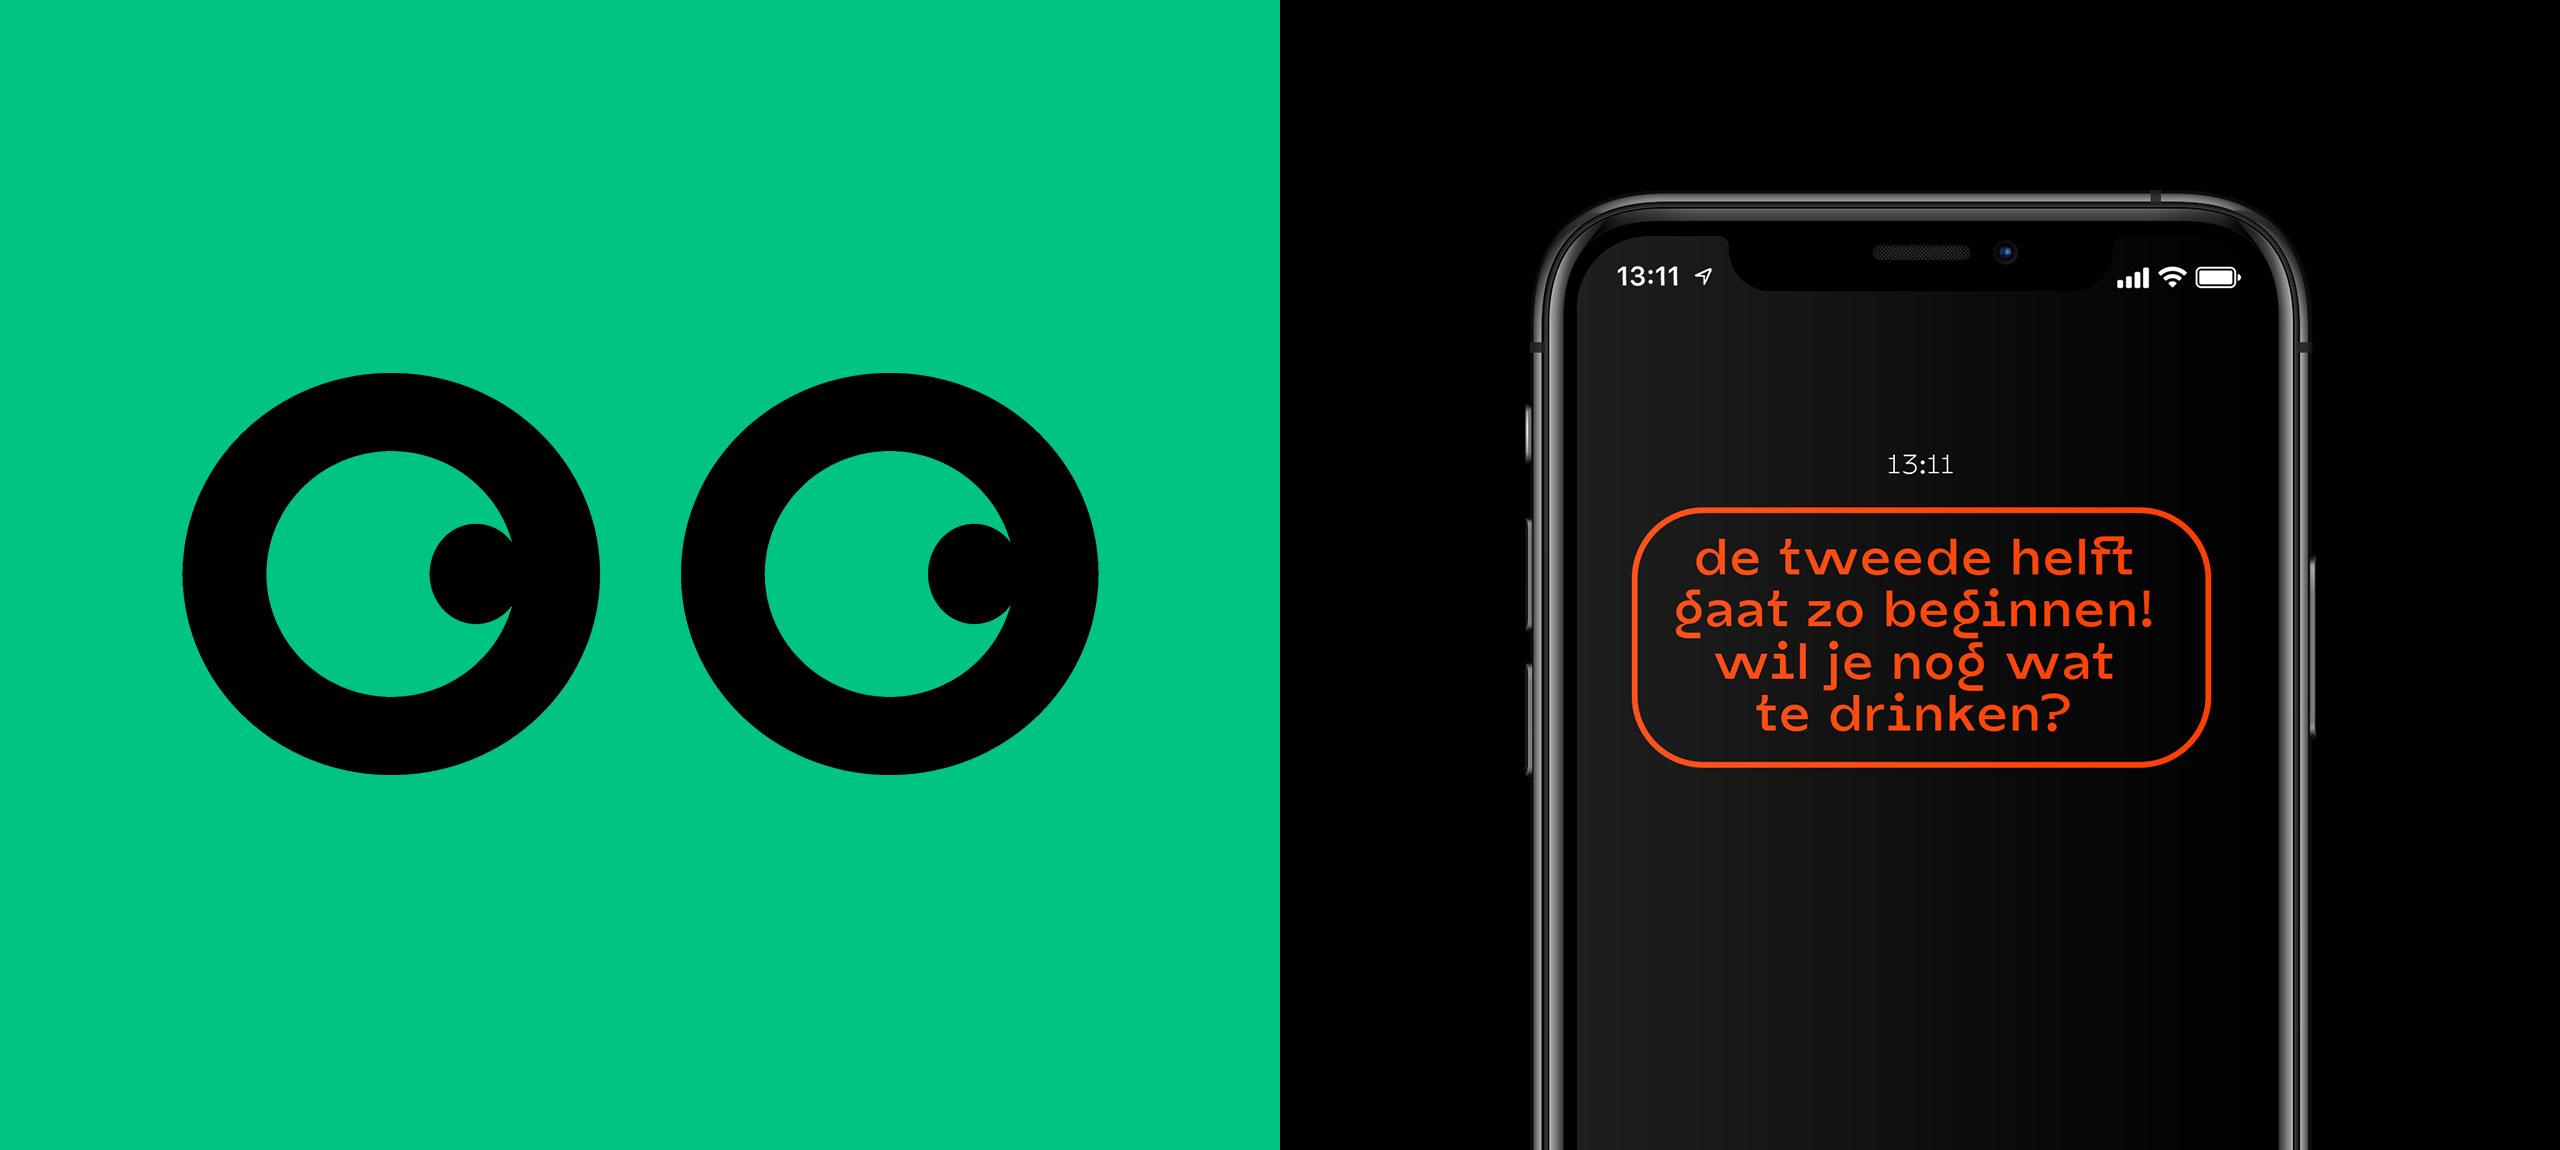 Doofer app notificatie